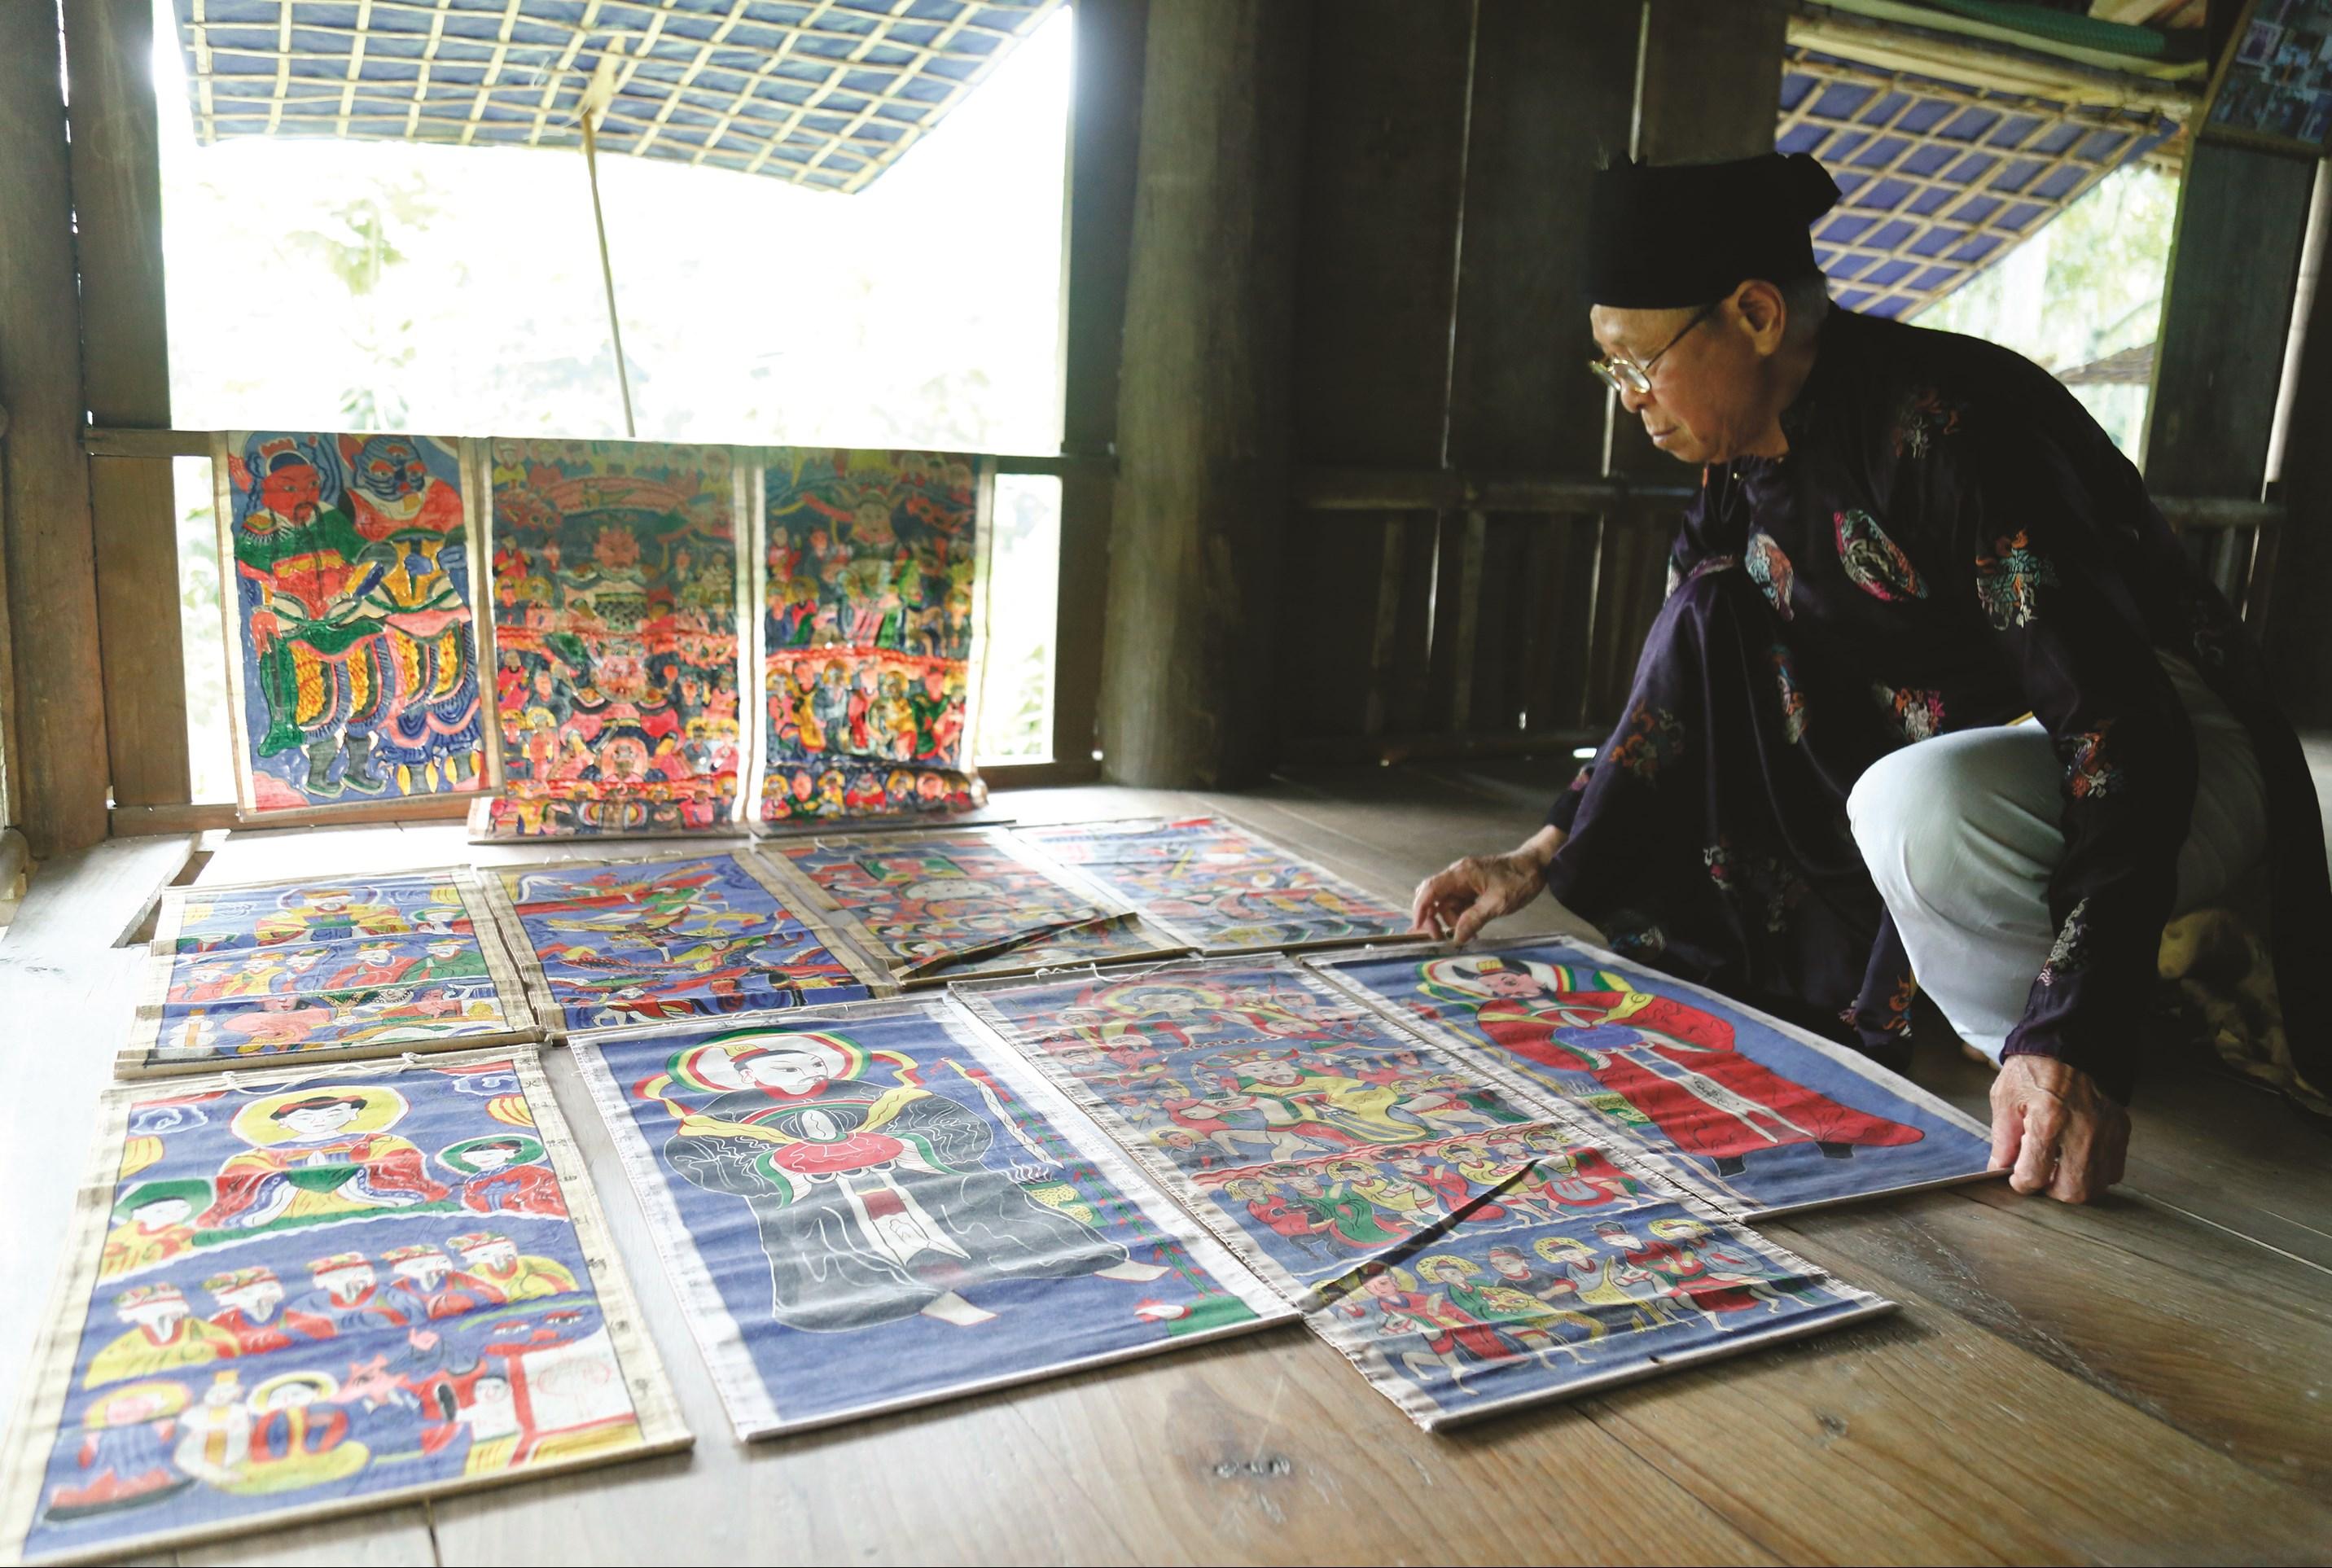 Nghệ nhân Dân gian Lê Hải Thanh phơi tranh thờ sau khi vẽ